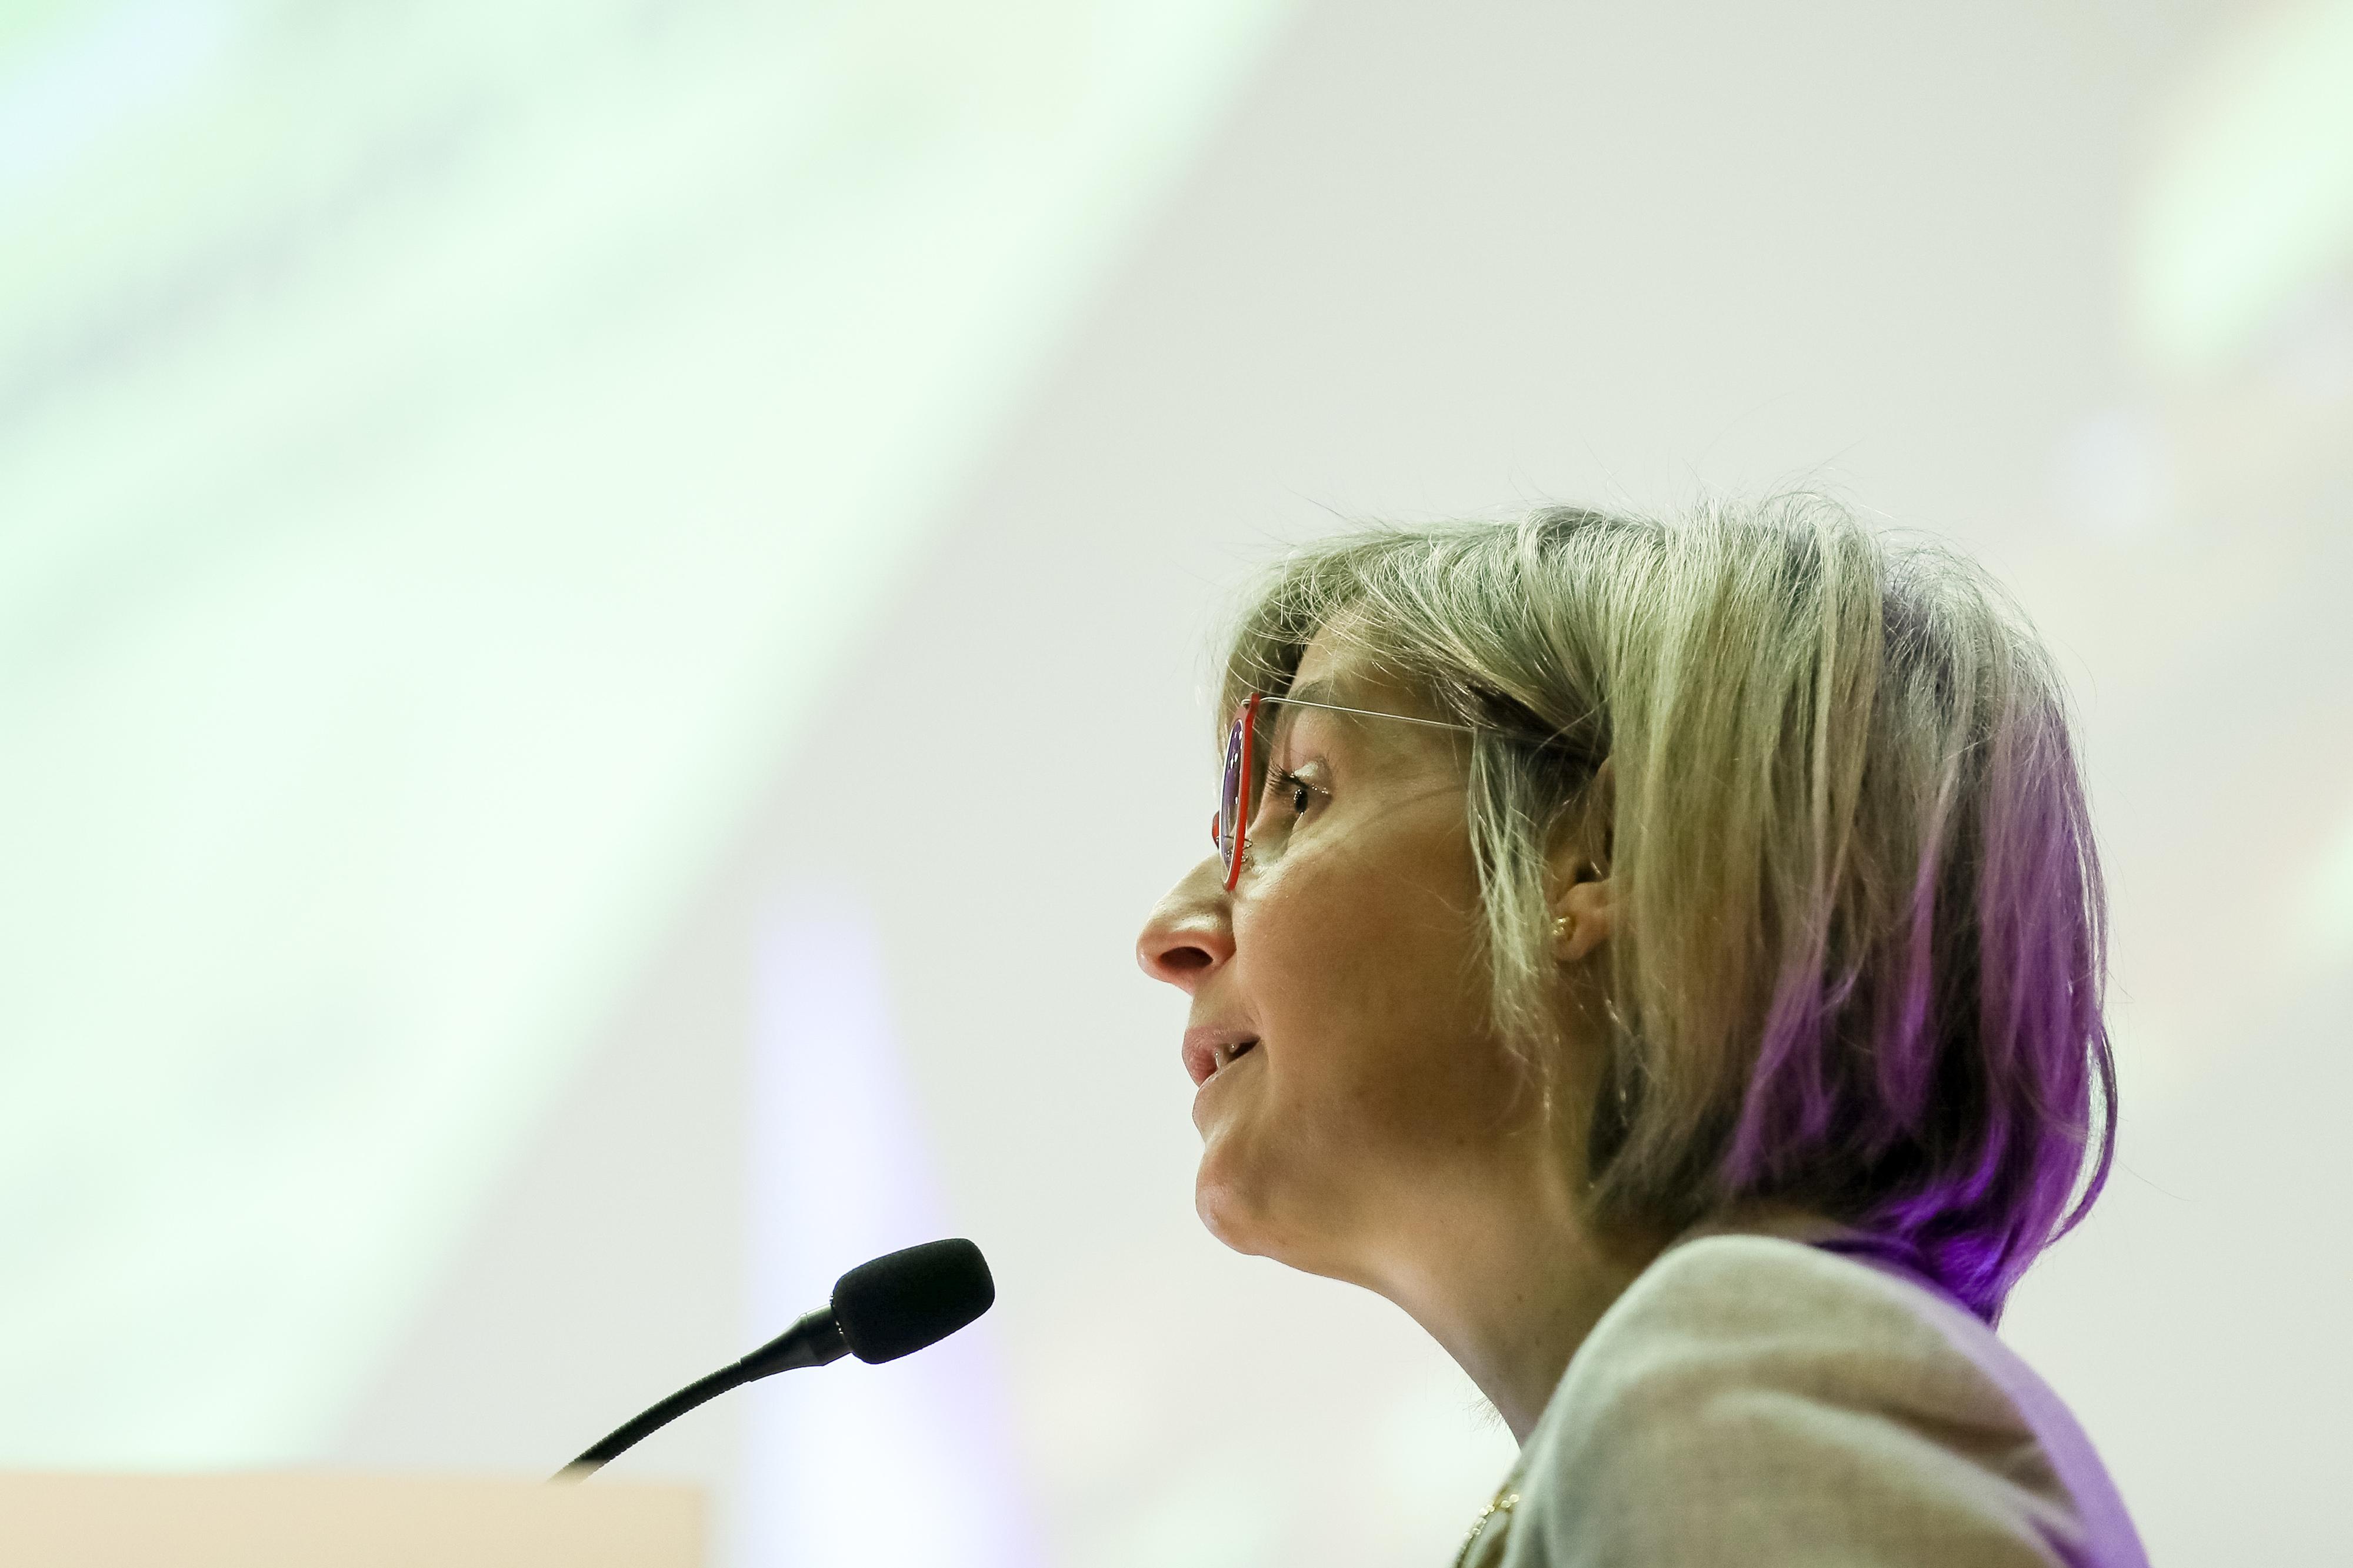 Enfermeiros: Ministra diz que discussão sobre carreira de enfermagem está encerrada